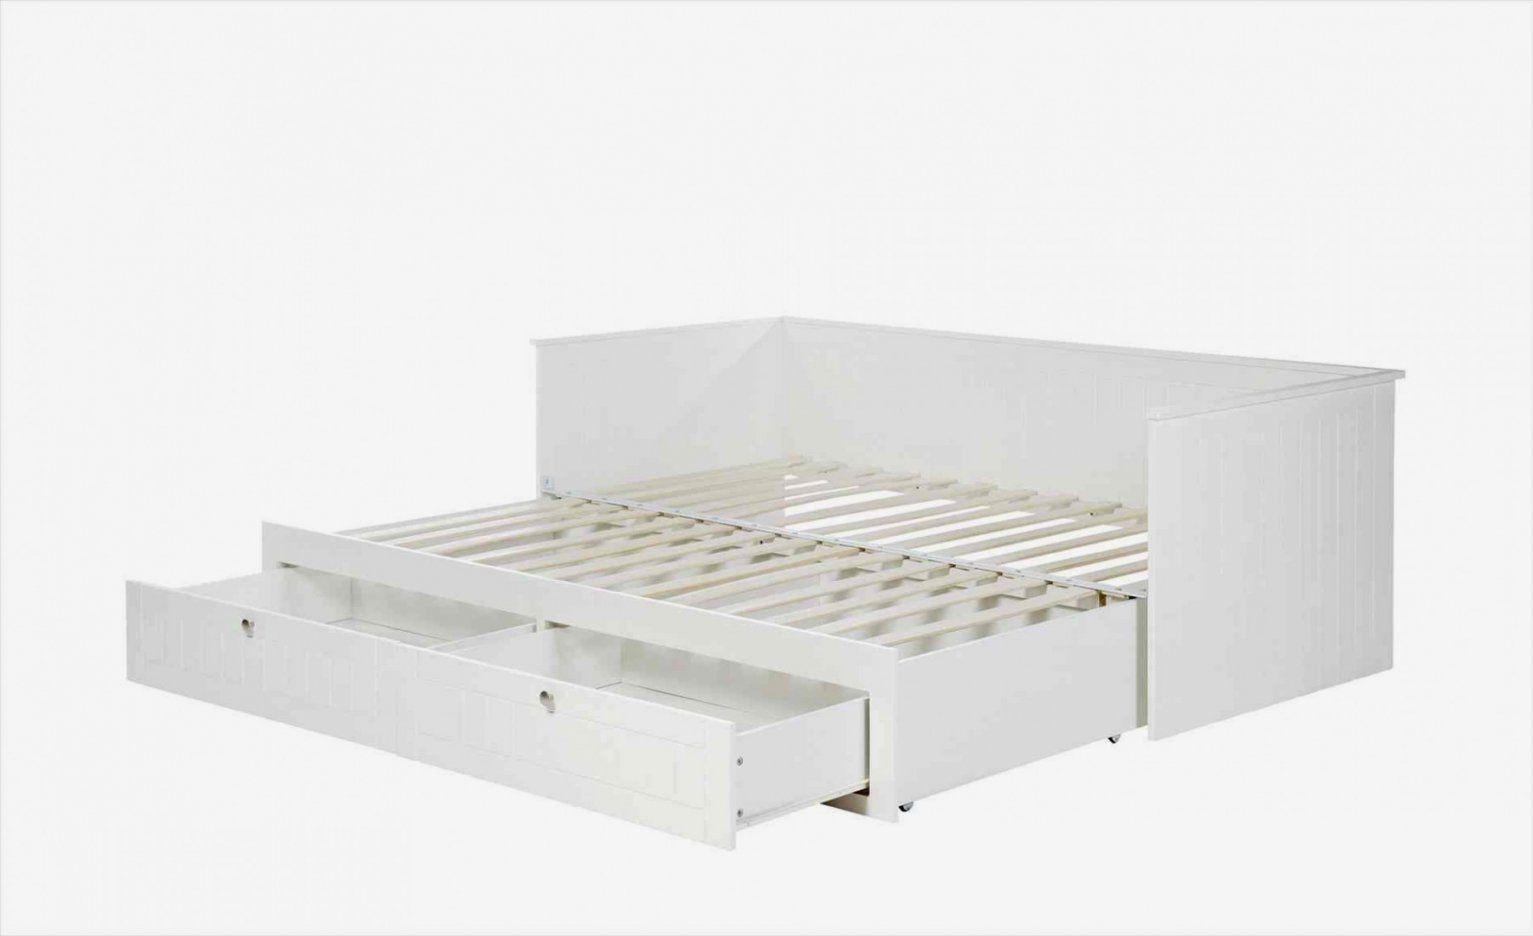 Inspirierend Häusliche Verbesserung Einzelbett Ausziehbar Doppelbett von Bett Ausziehbar Zum Doppelbett Photo